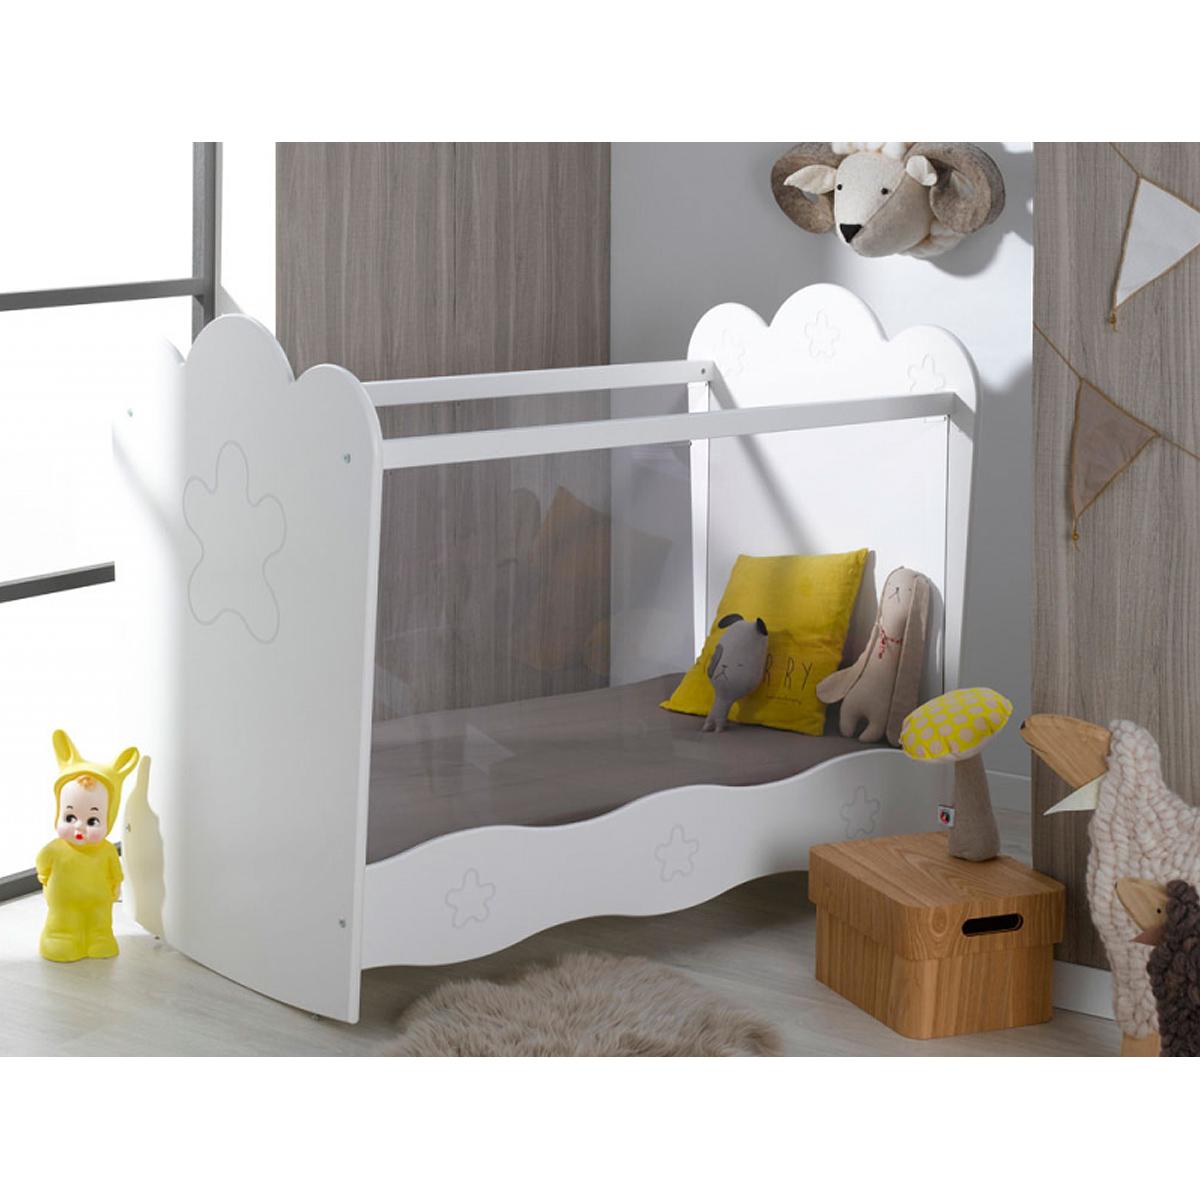 lit b b plexiglas 60x120 b b provence lin a blanc lits lit b b tendresse de b b. Black Bedroom Furniture Sets. Home Design Ideas